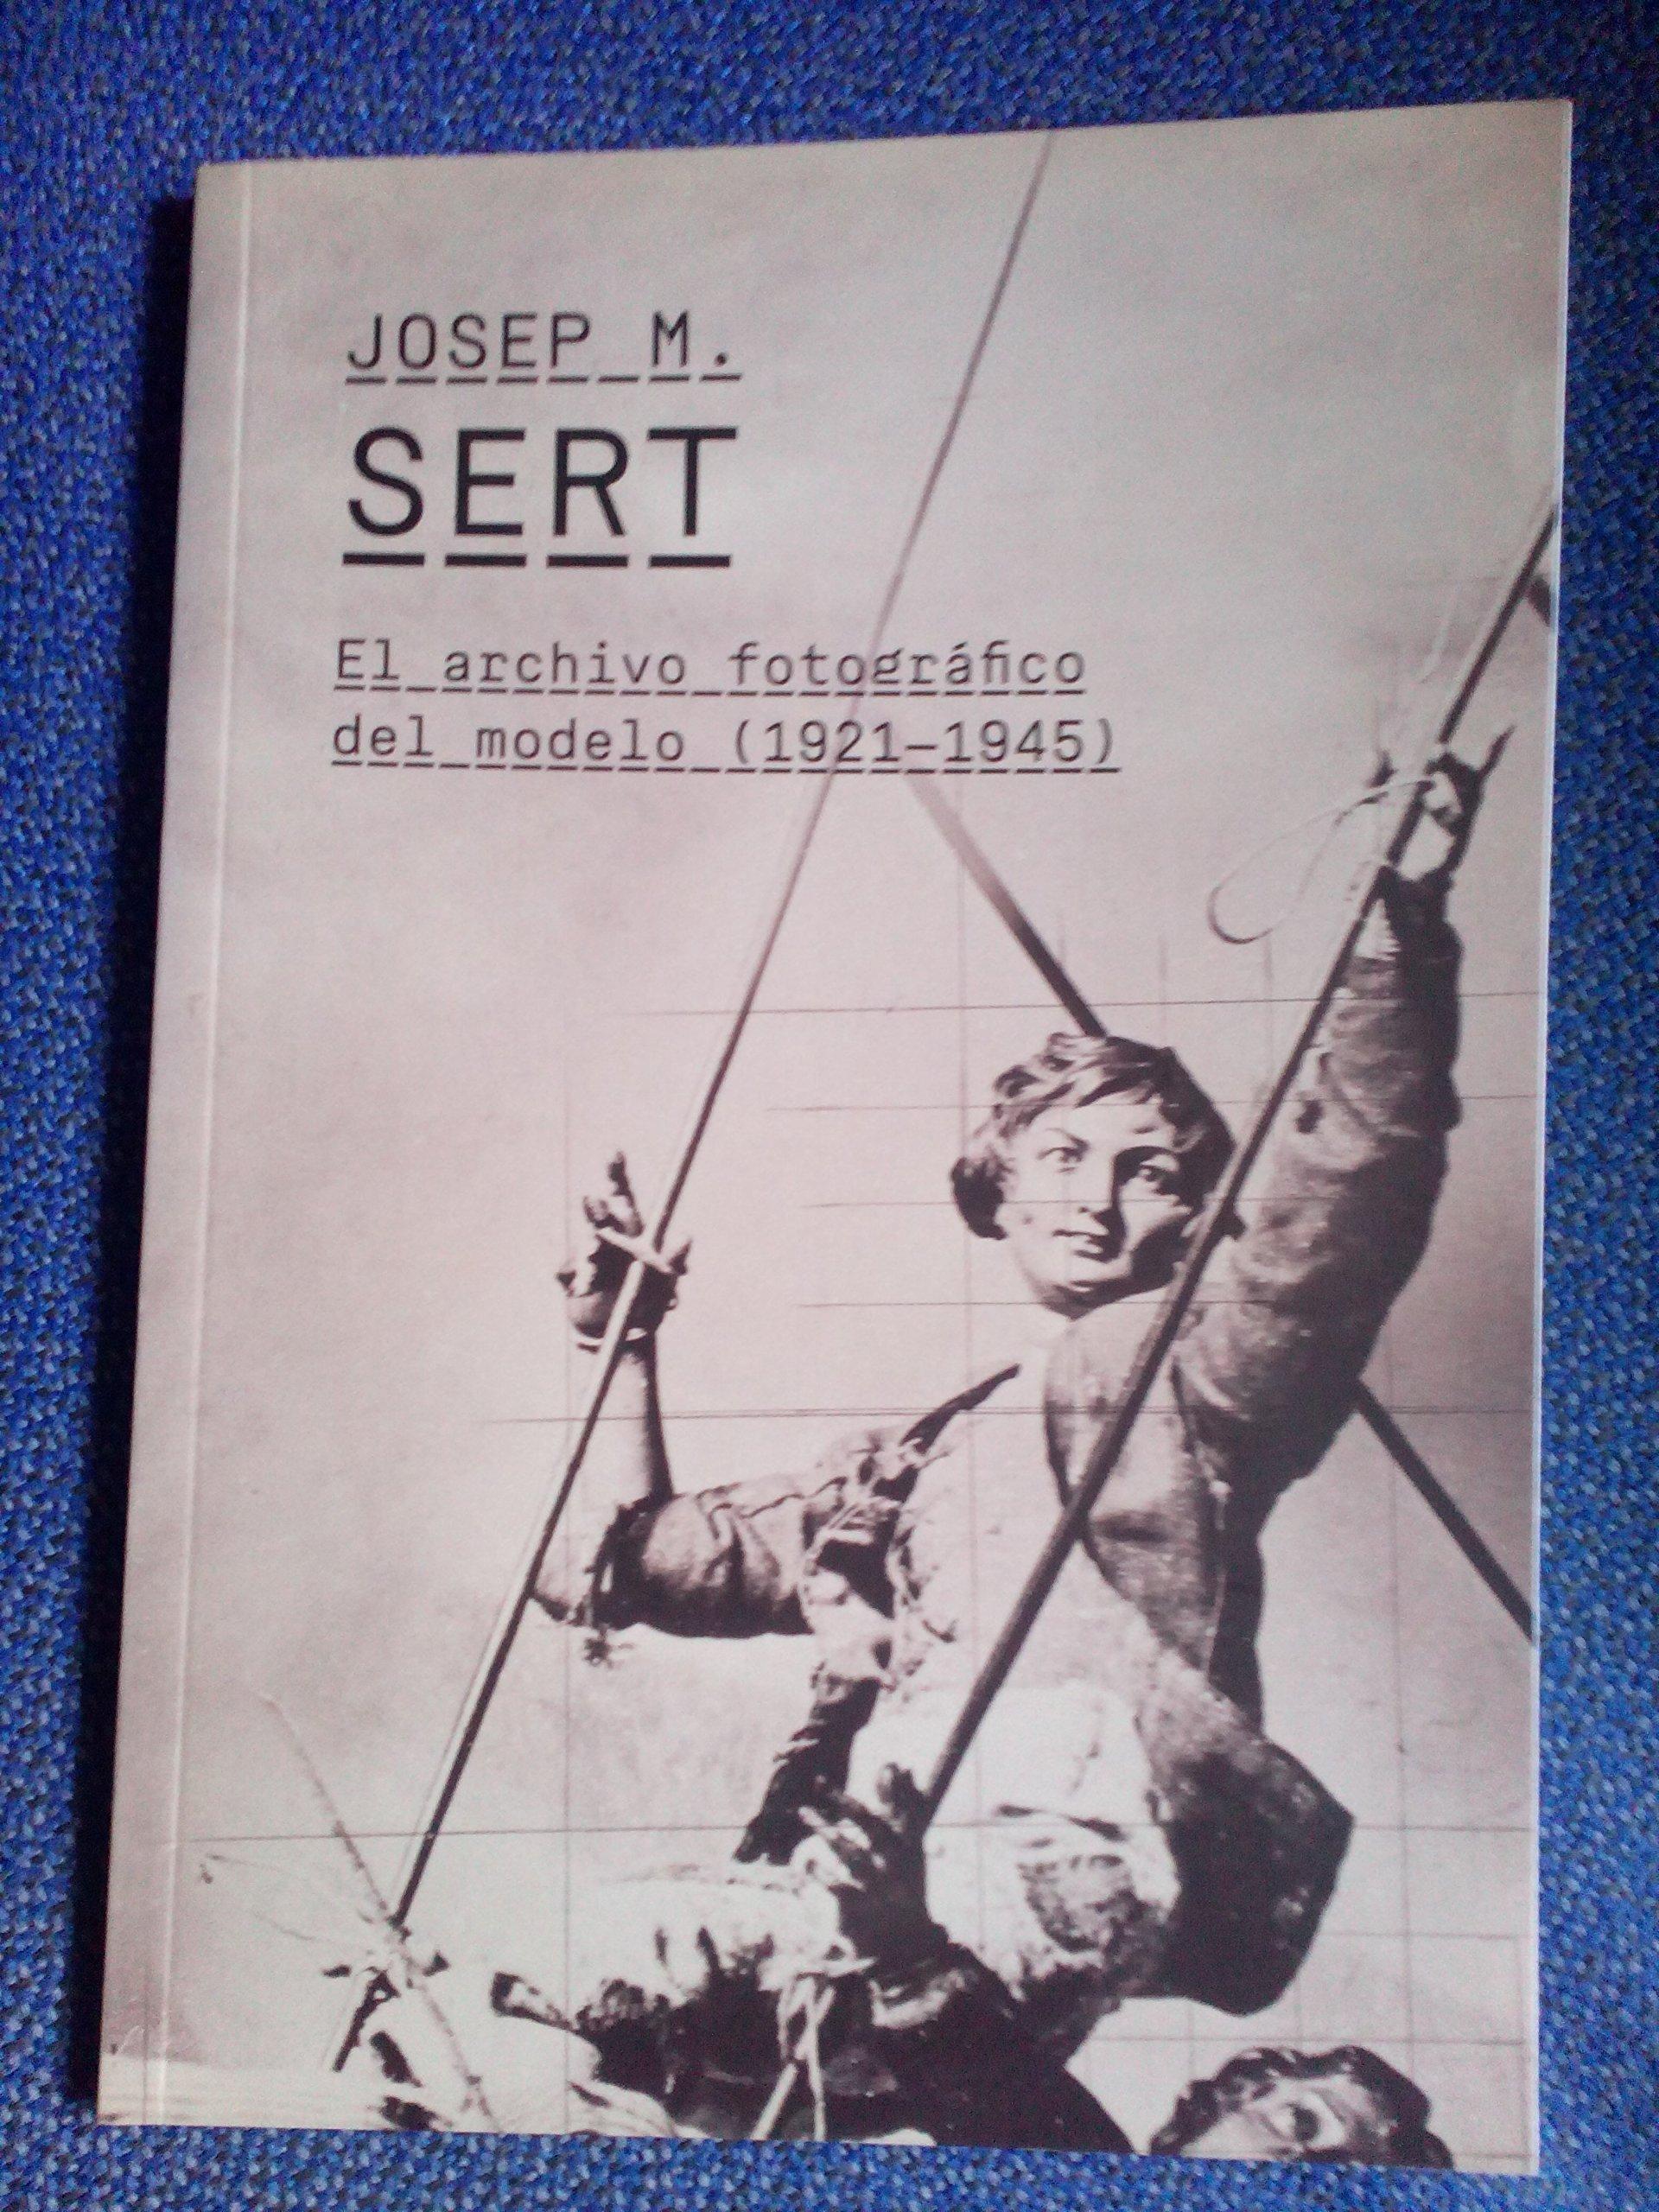 JOSEP M.SERT (Spanish) Paperback – 2013